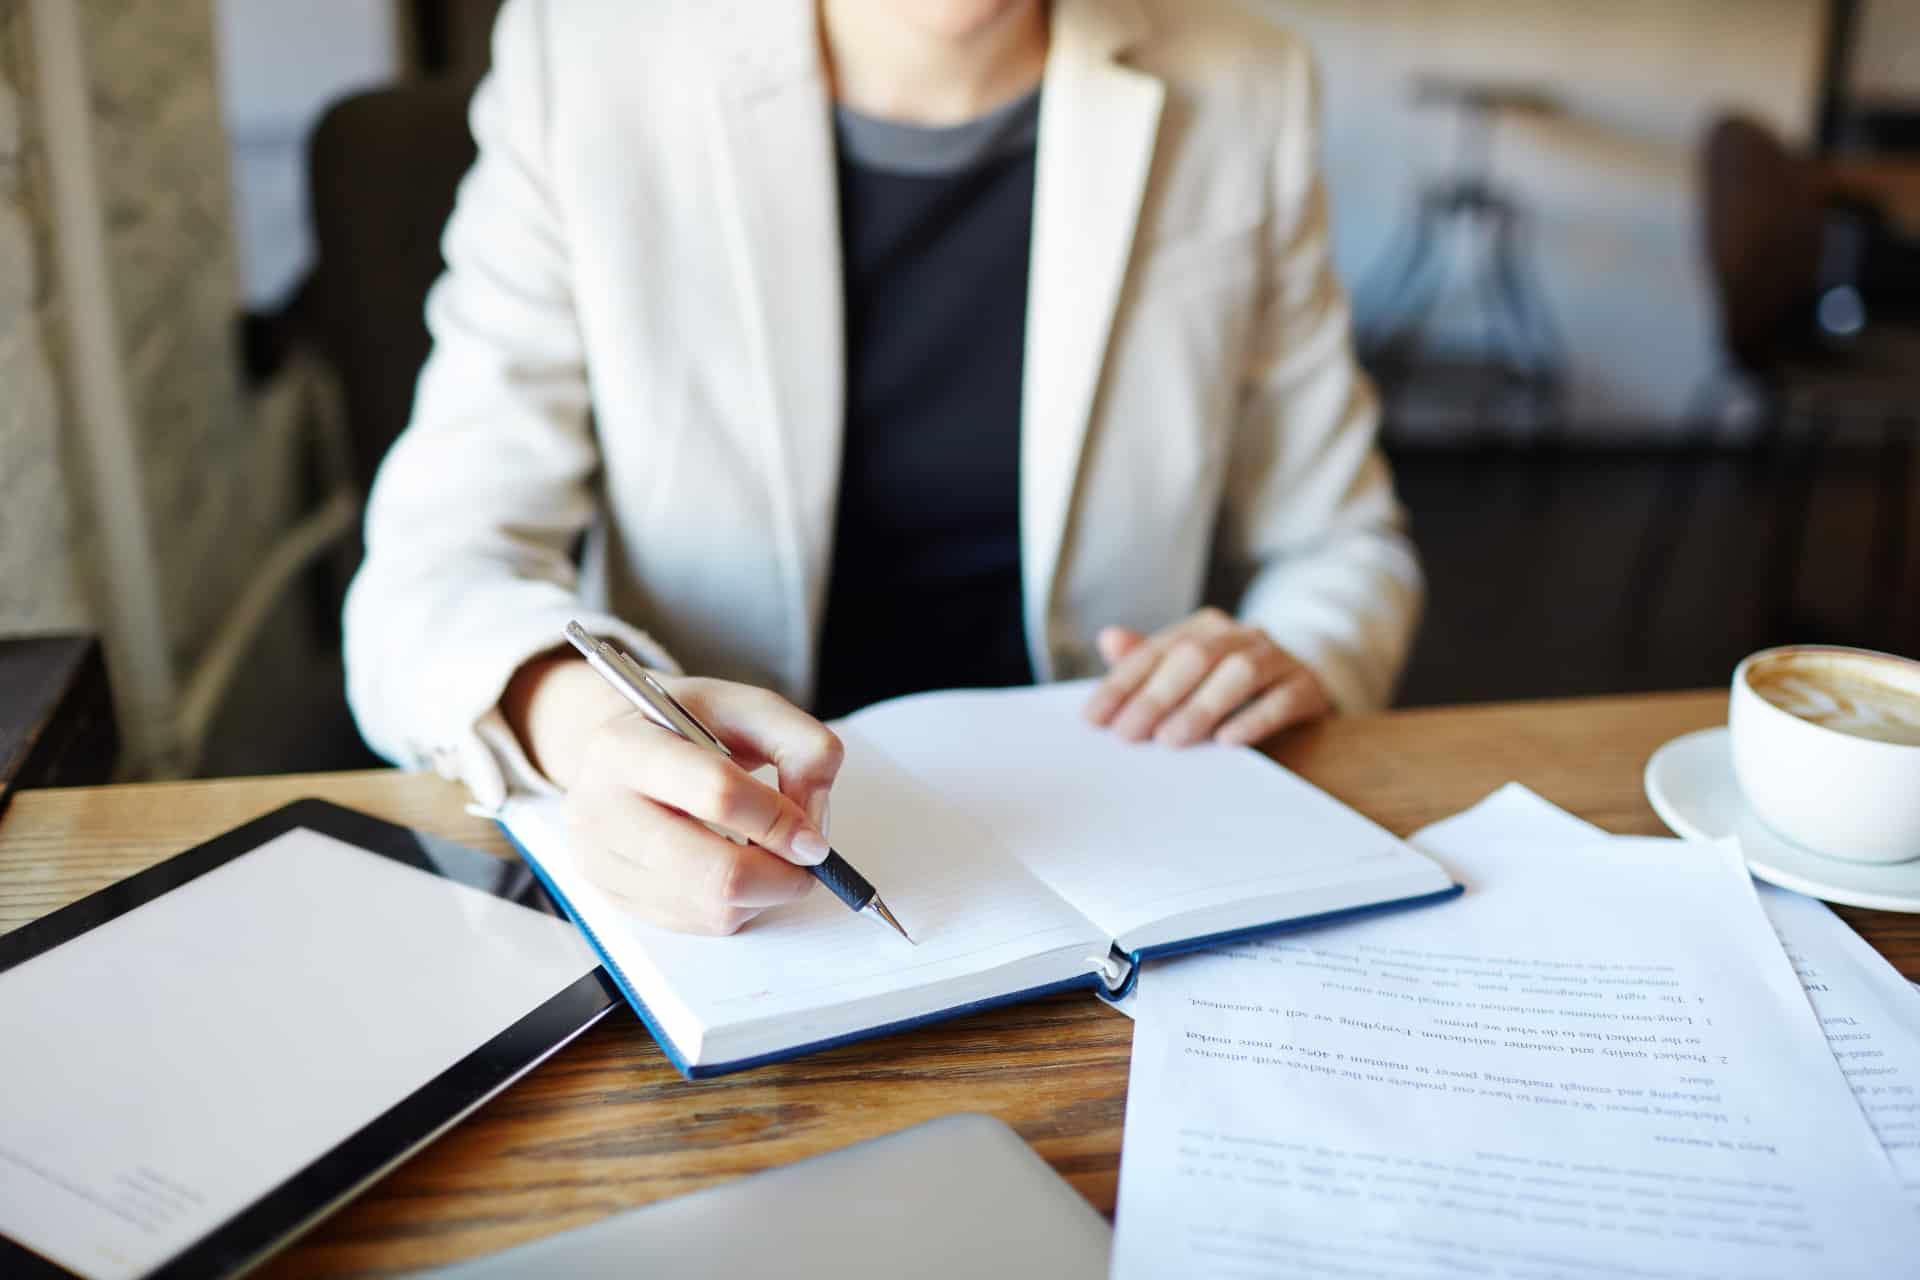 Executive writing in diary